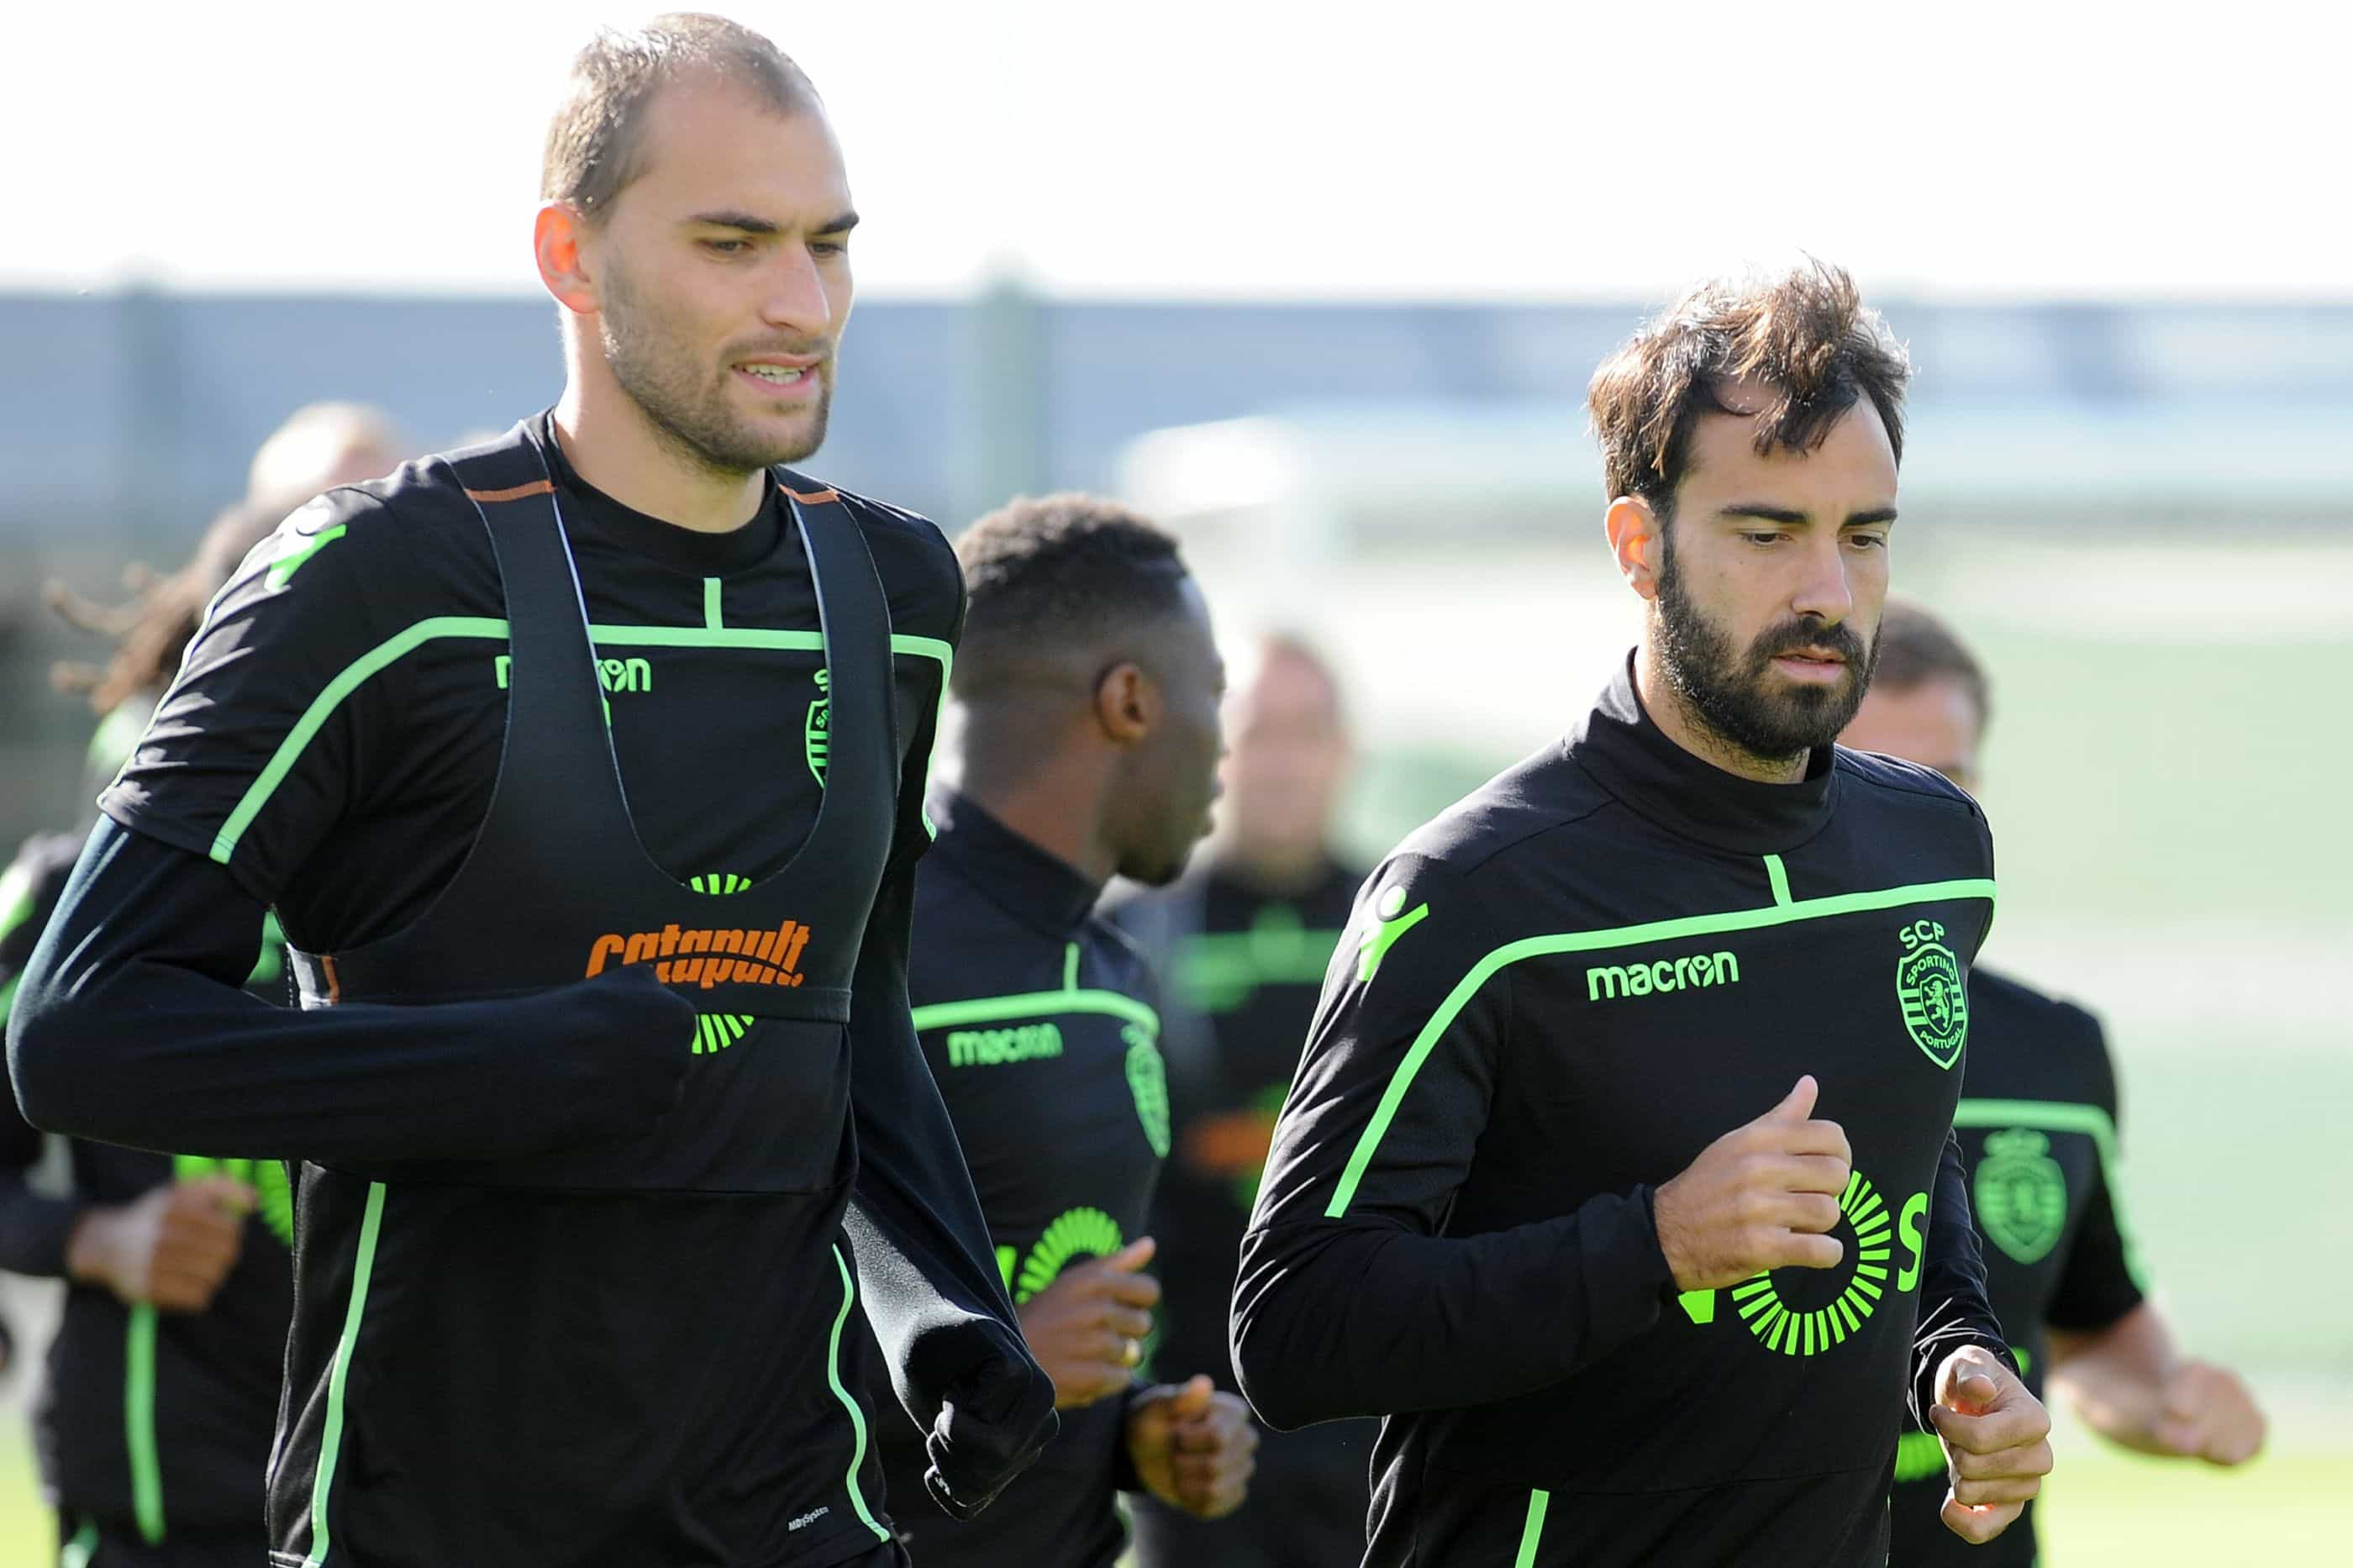 Sporting confirma transferência de Marcelo para a MLS